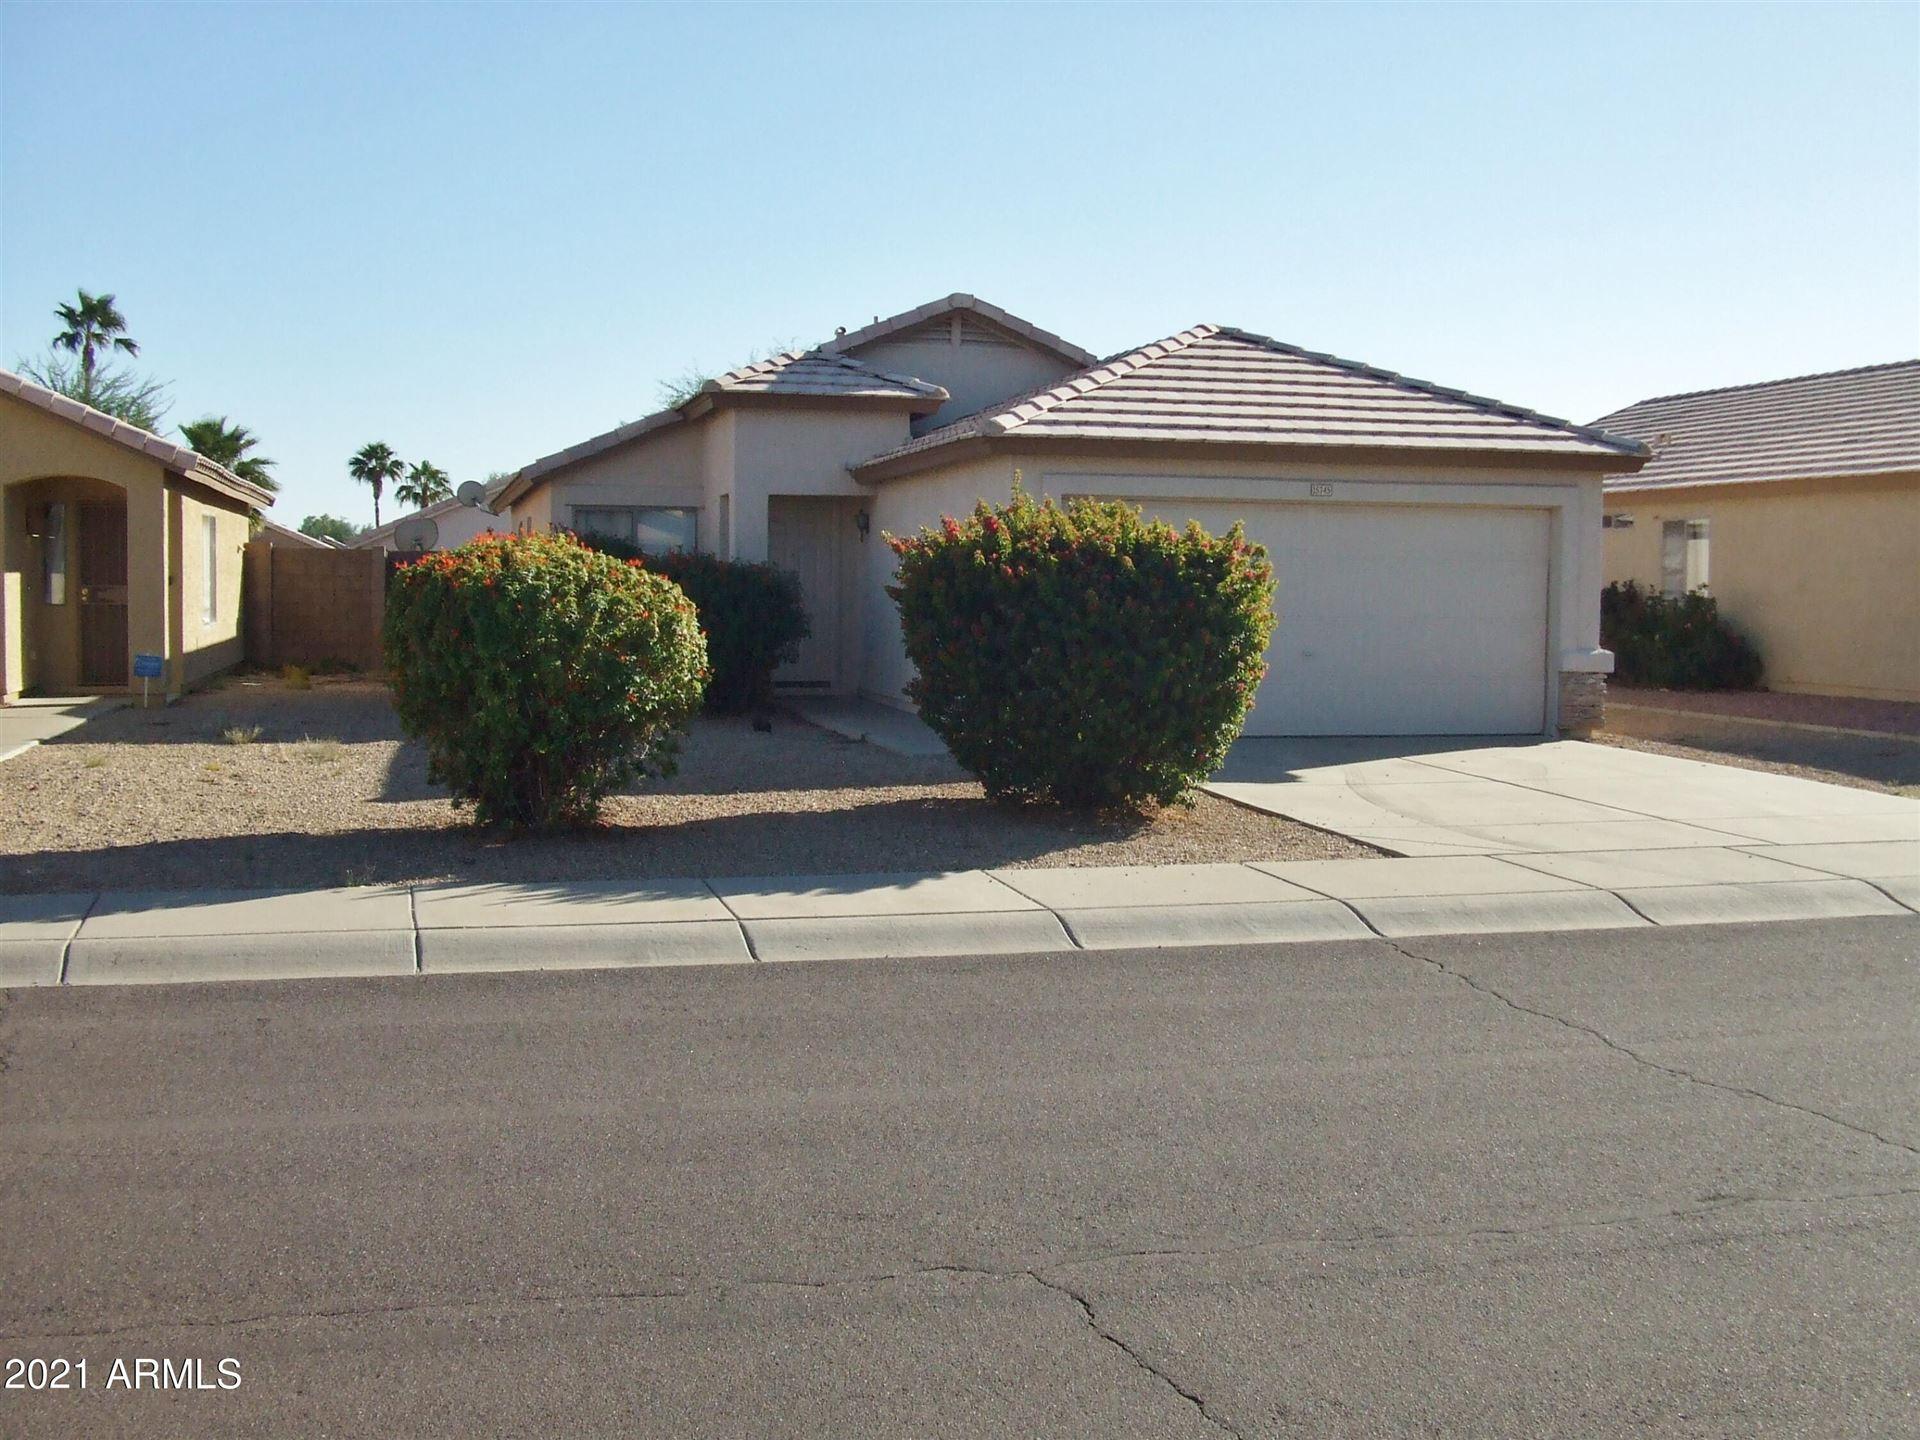 15745 W LUNDBERG Street, Surprise, AZ 85374 - #: 6308658